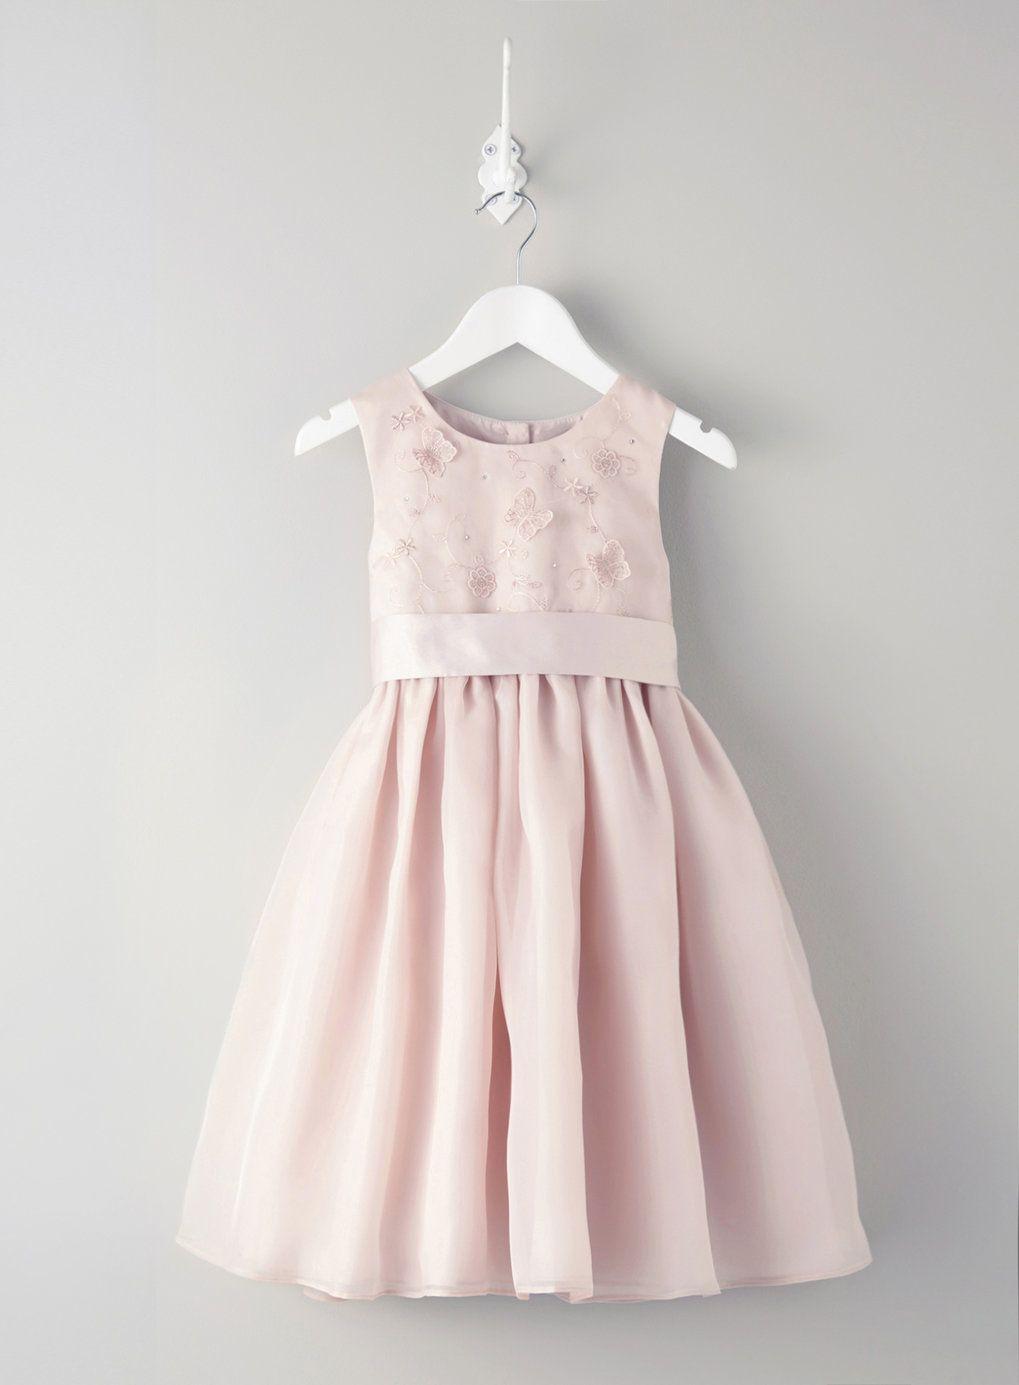 Isabelle blush flower girl dress flower girl wedding bhs isabelle blush flower girl dress flower girl wedding bhs ombrellifo Images